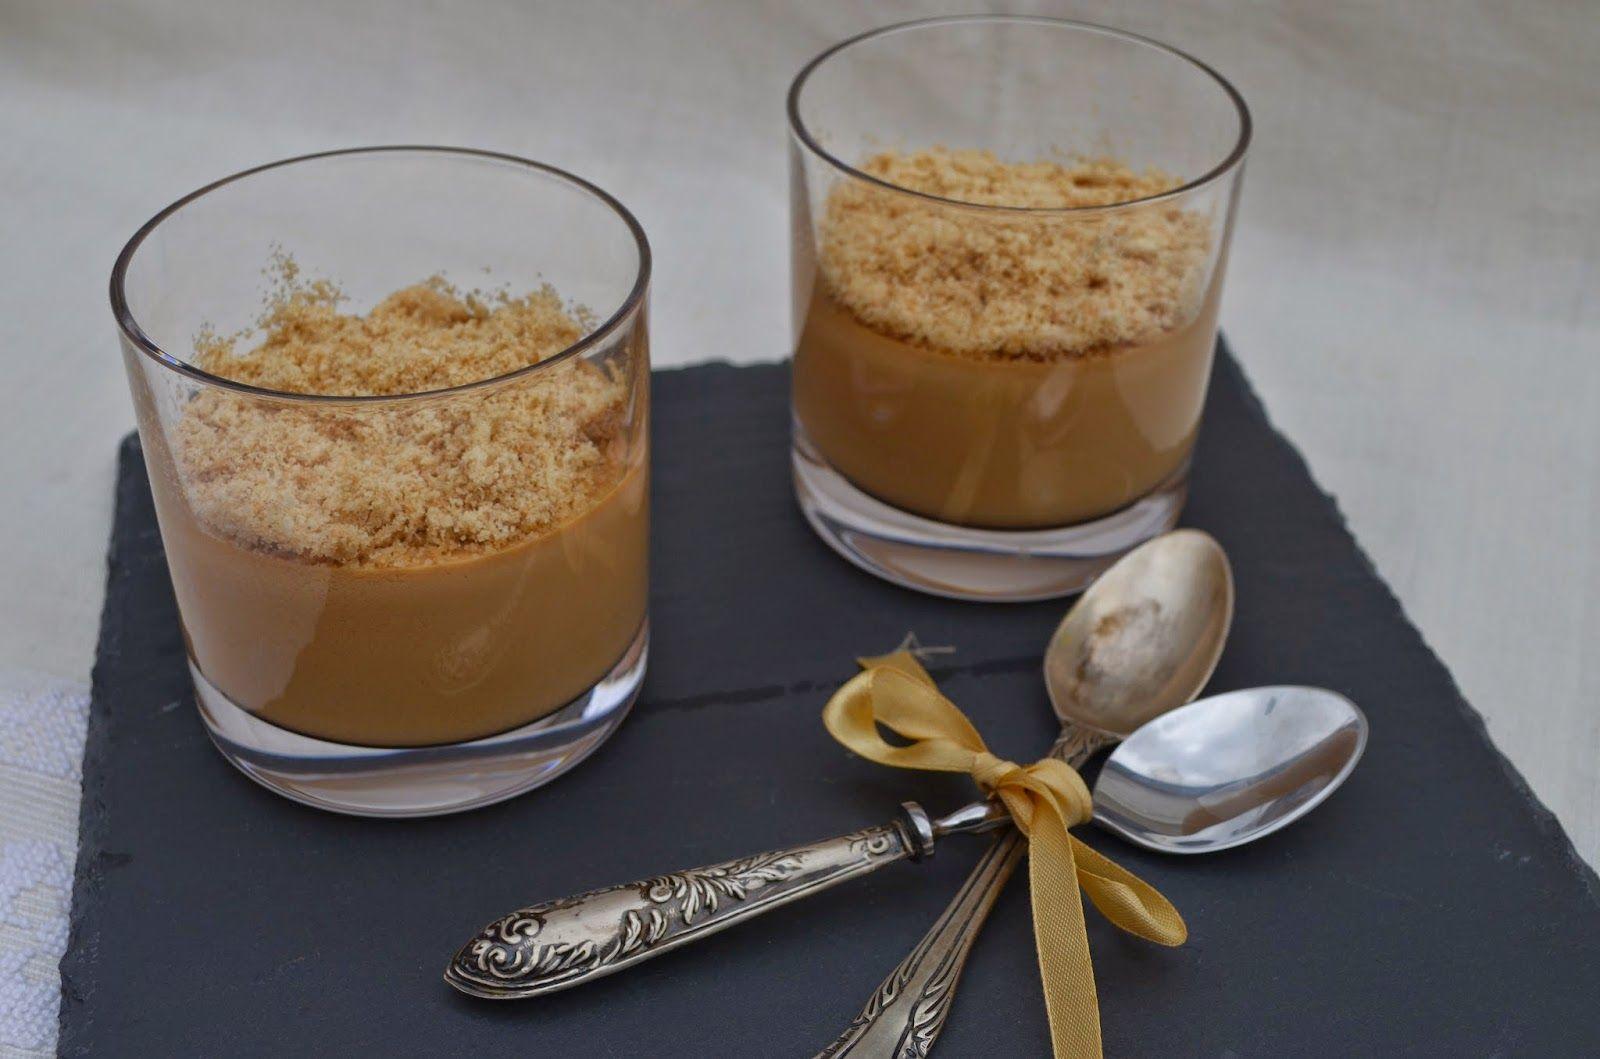 Noz Moscada e Gengibre: Creme de caramelo